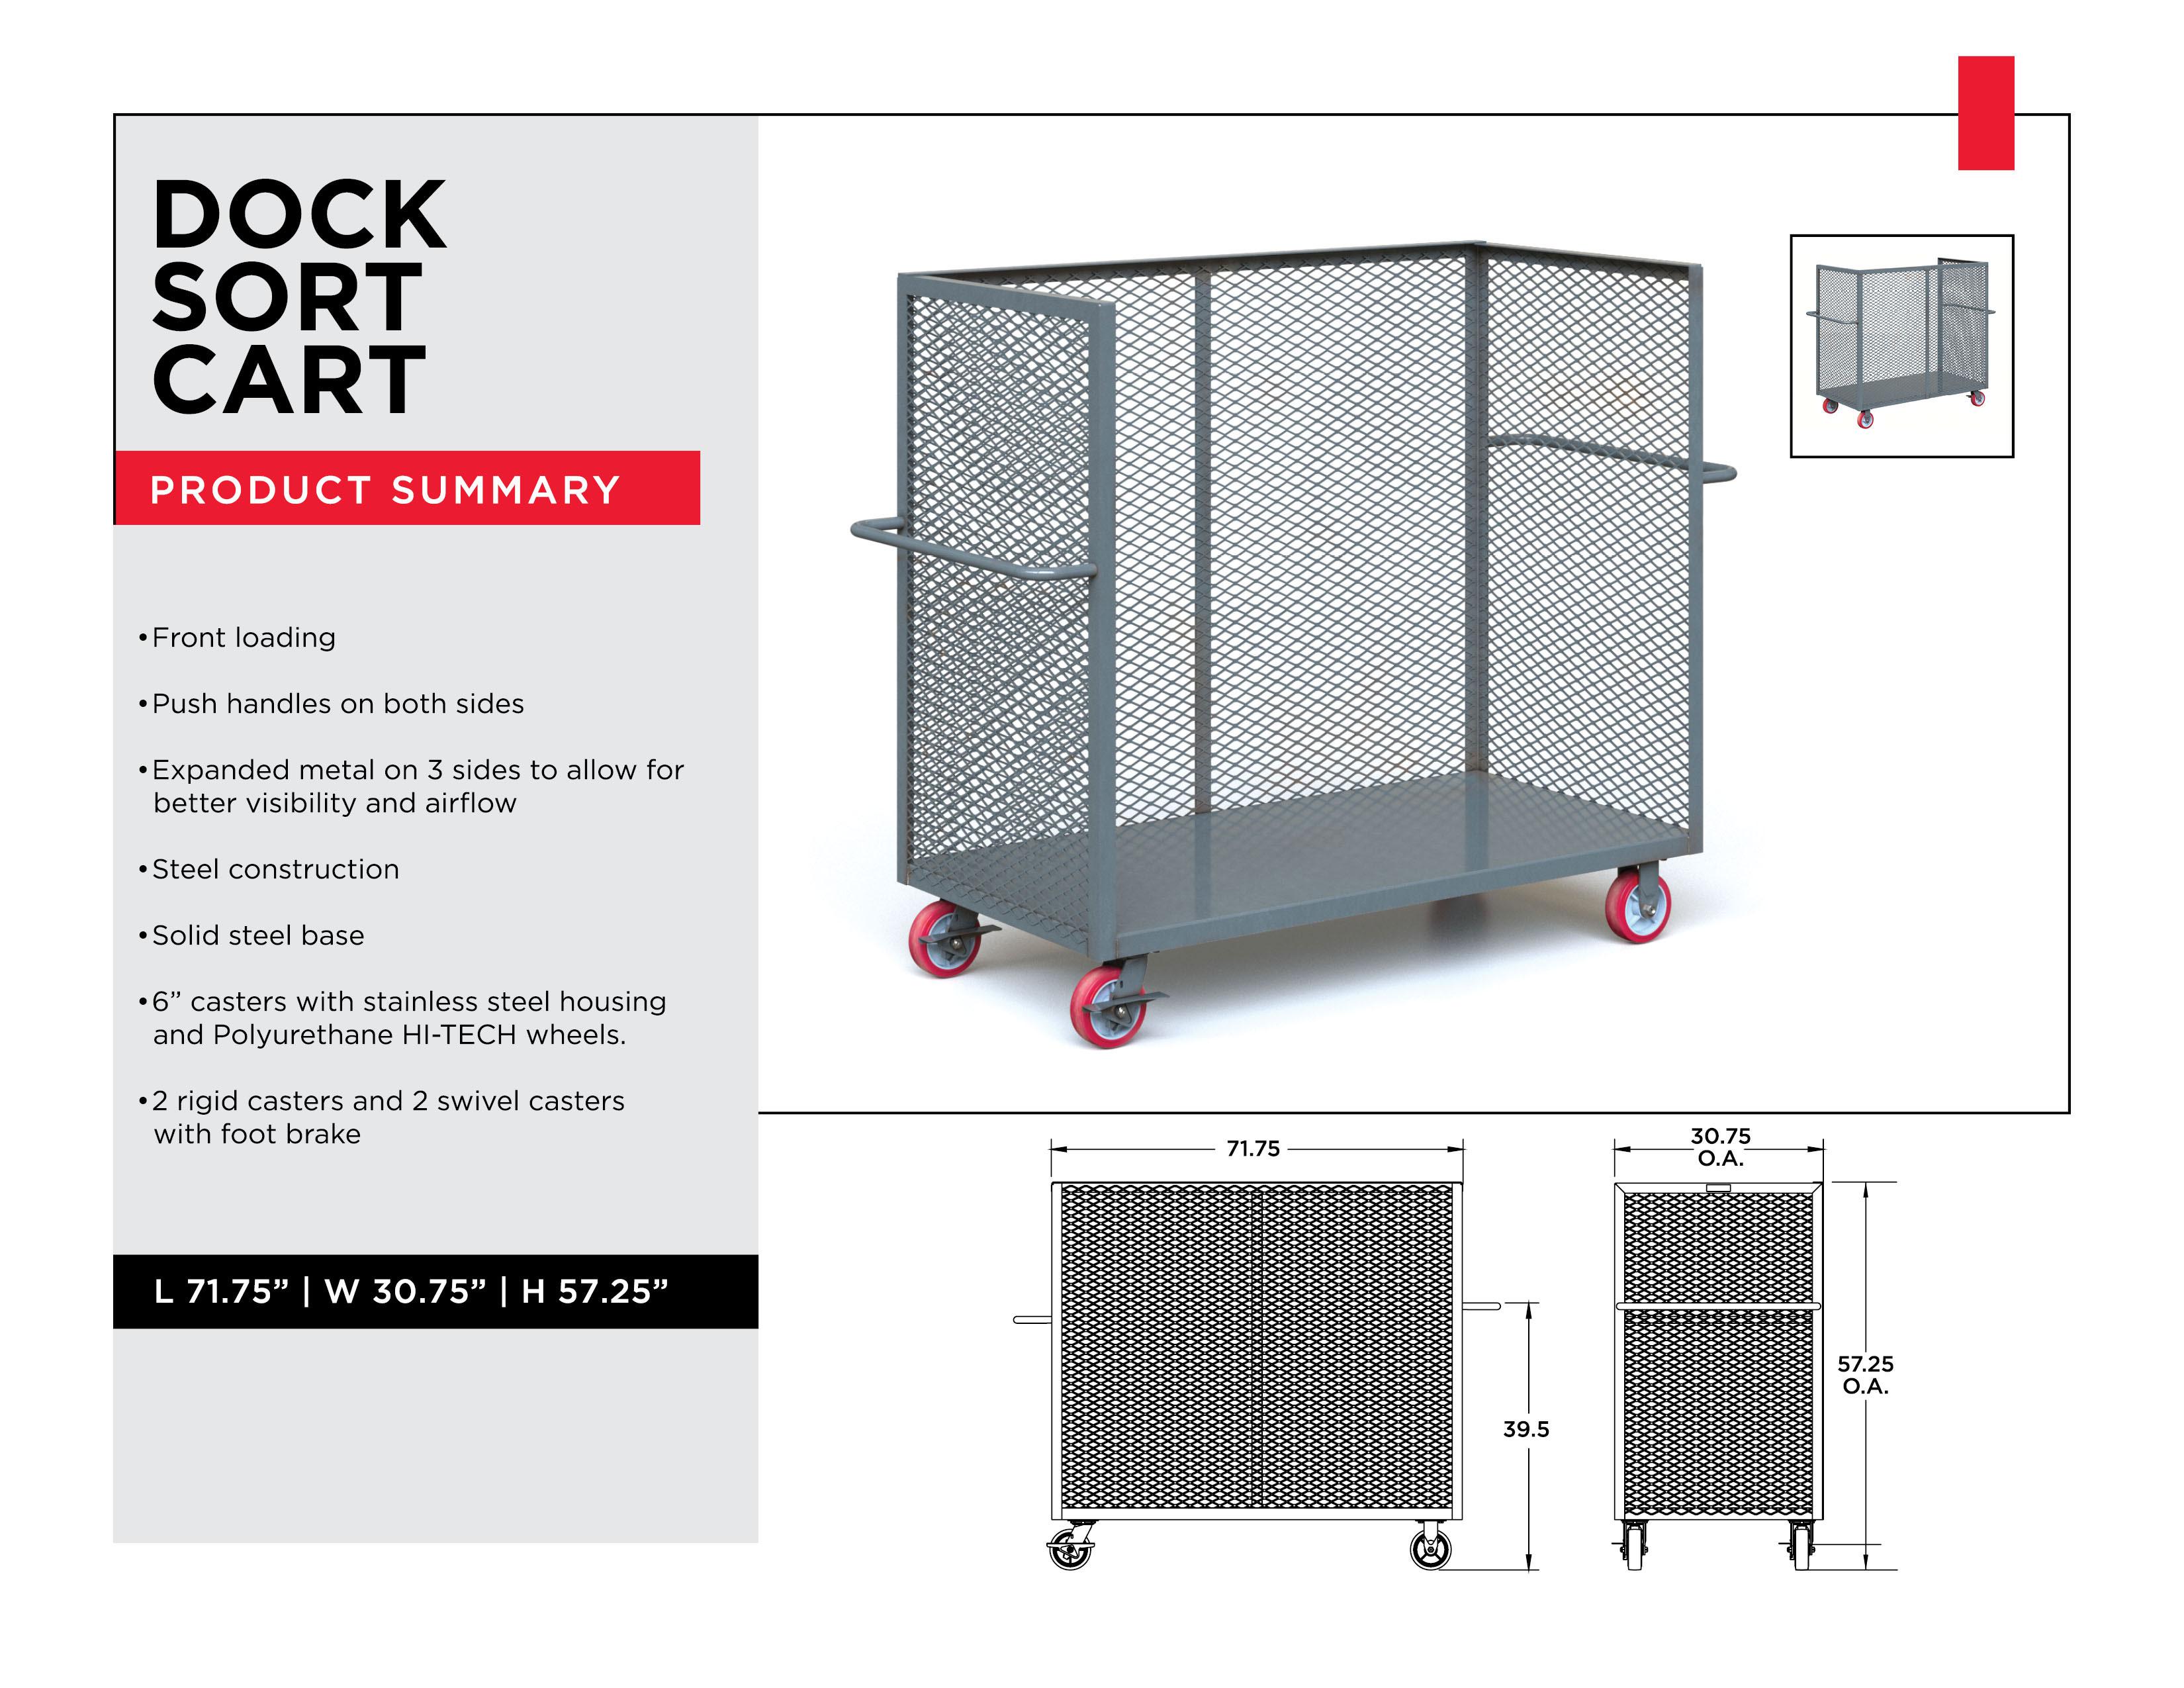 Industrial Sorting Carts: Dock Sorting Cart